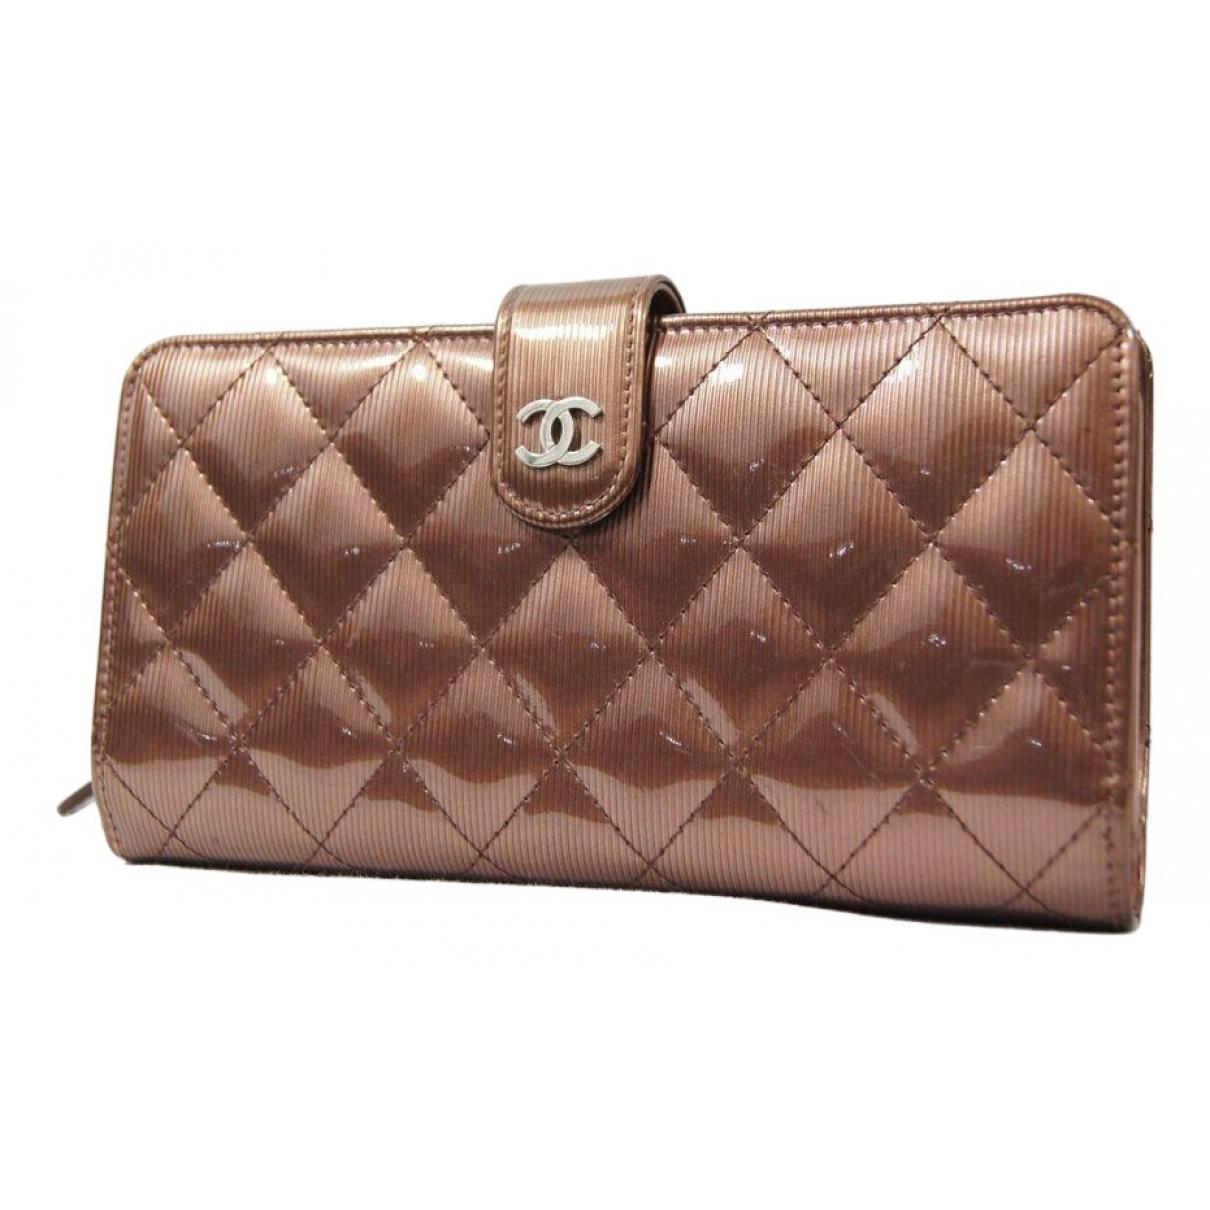 Chanel - Portefeuille   pour femme en cuir verni - marron